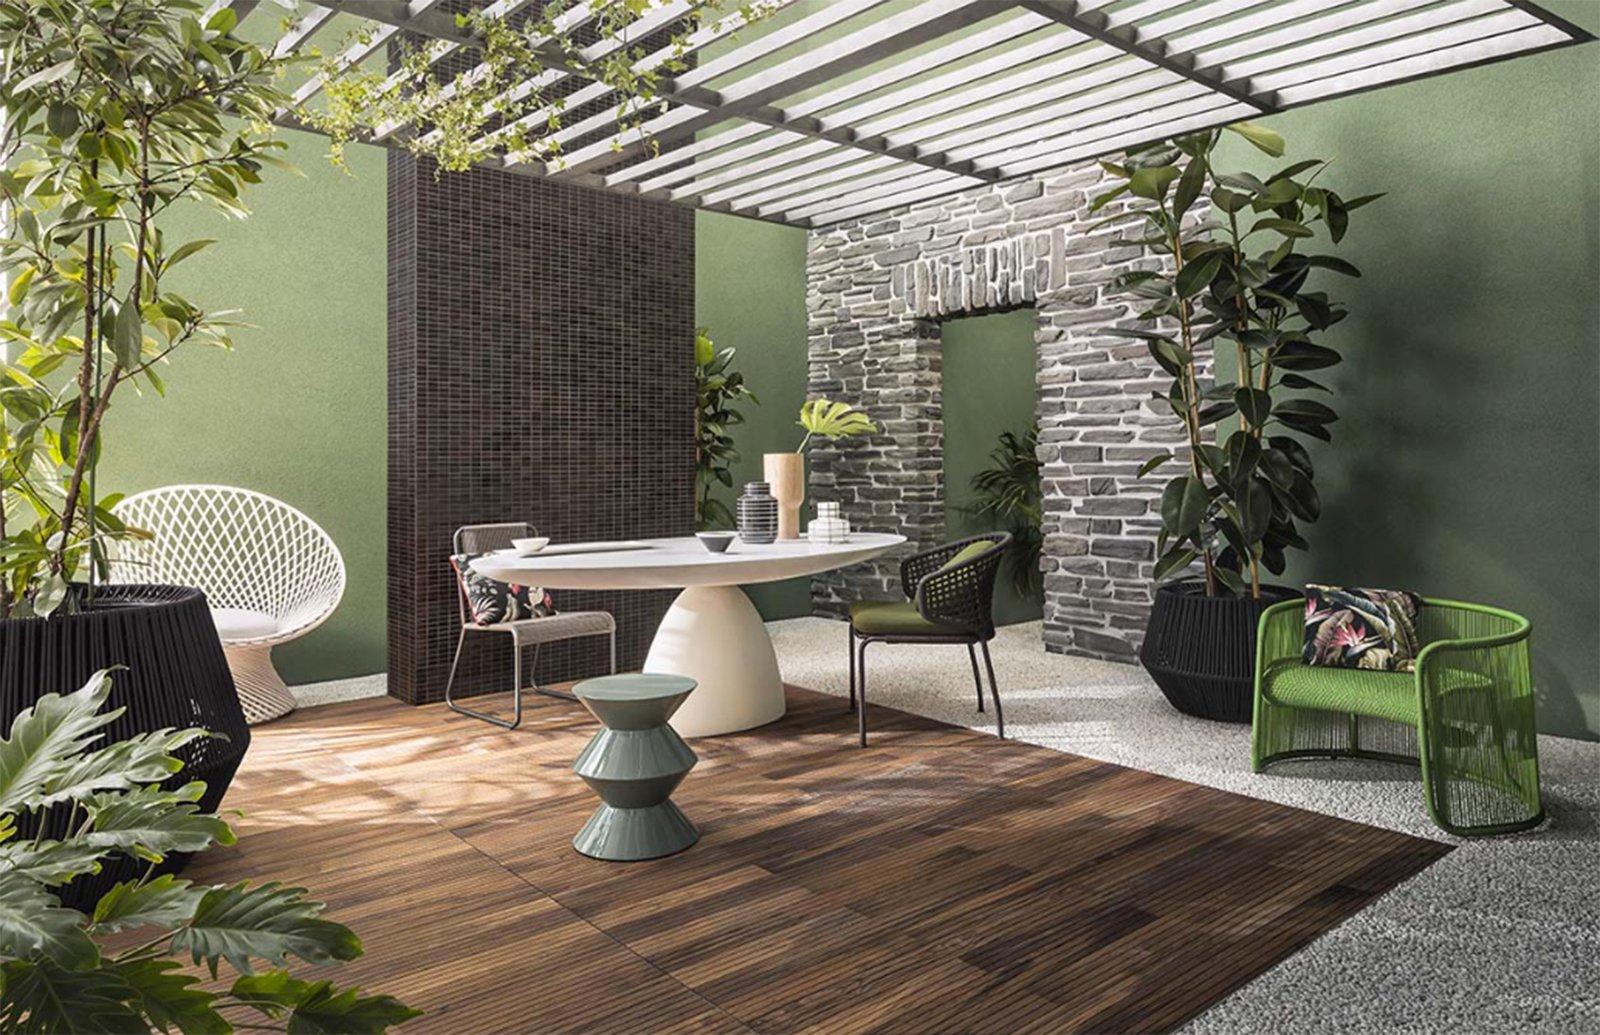 Finiture e trattamenti per pareti e pavimenti cose di casa - Colorare fughe piastrelle ...